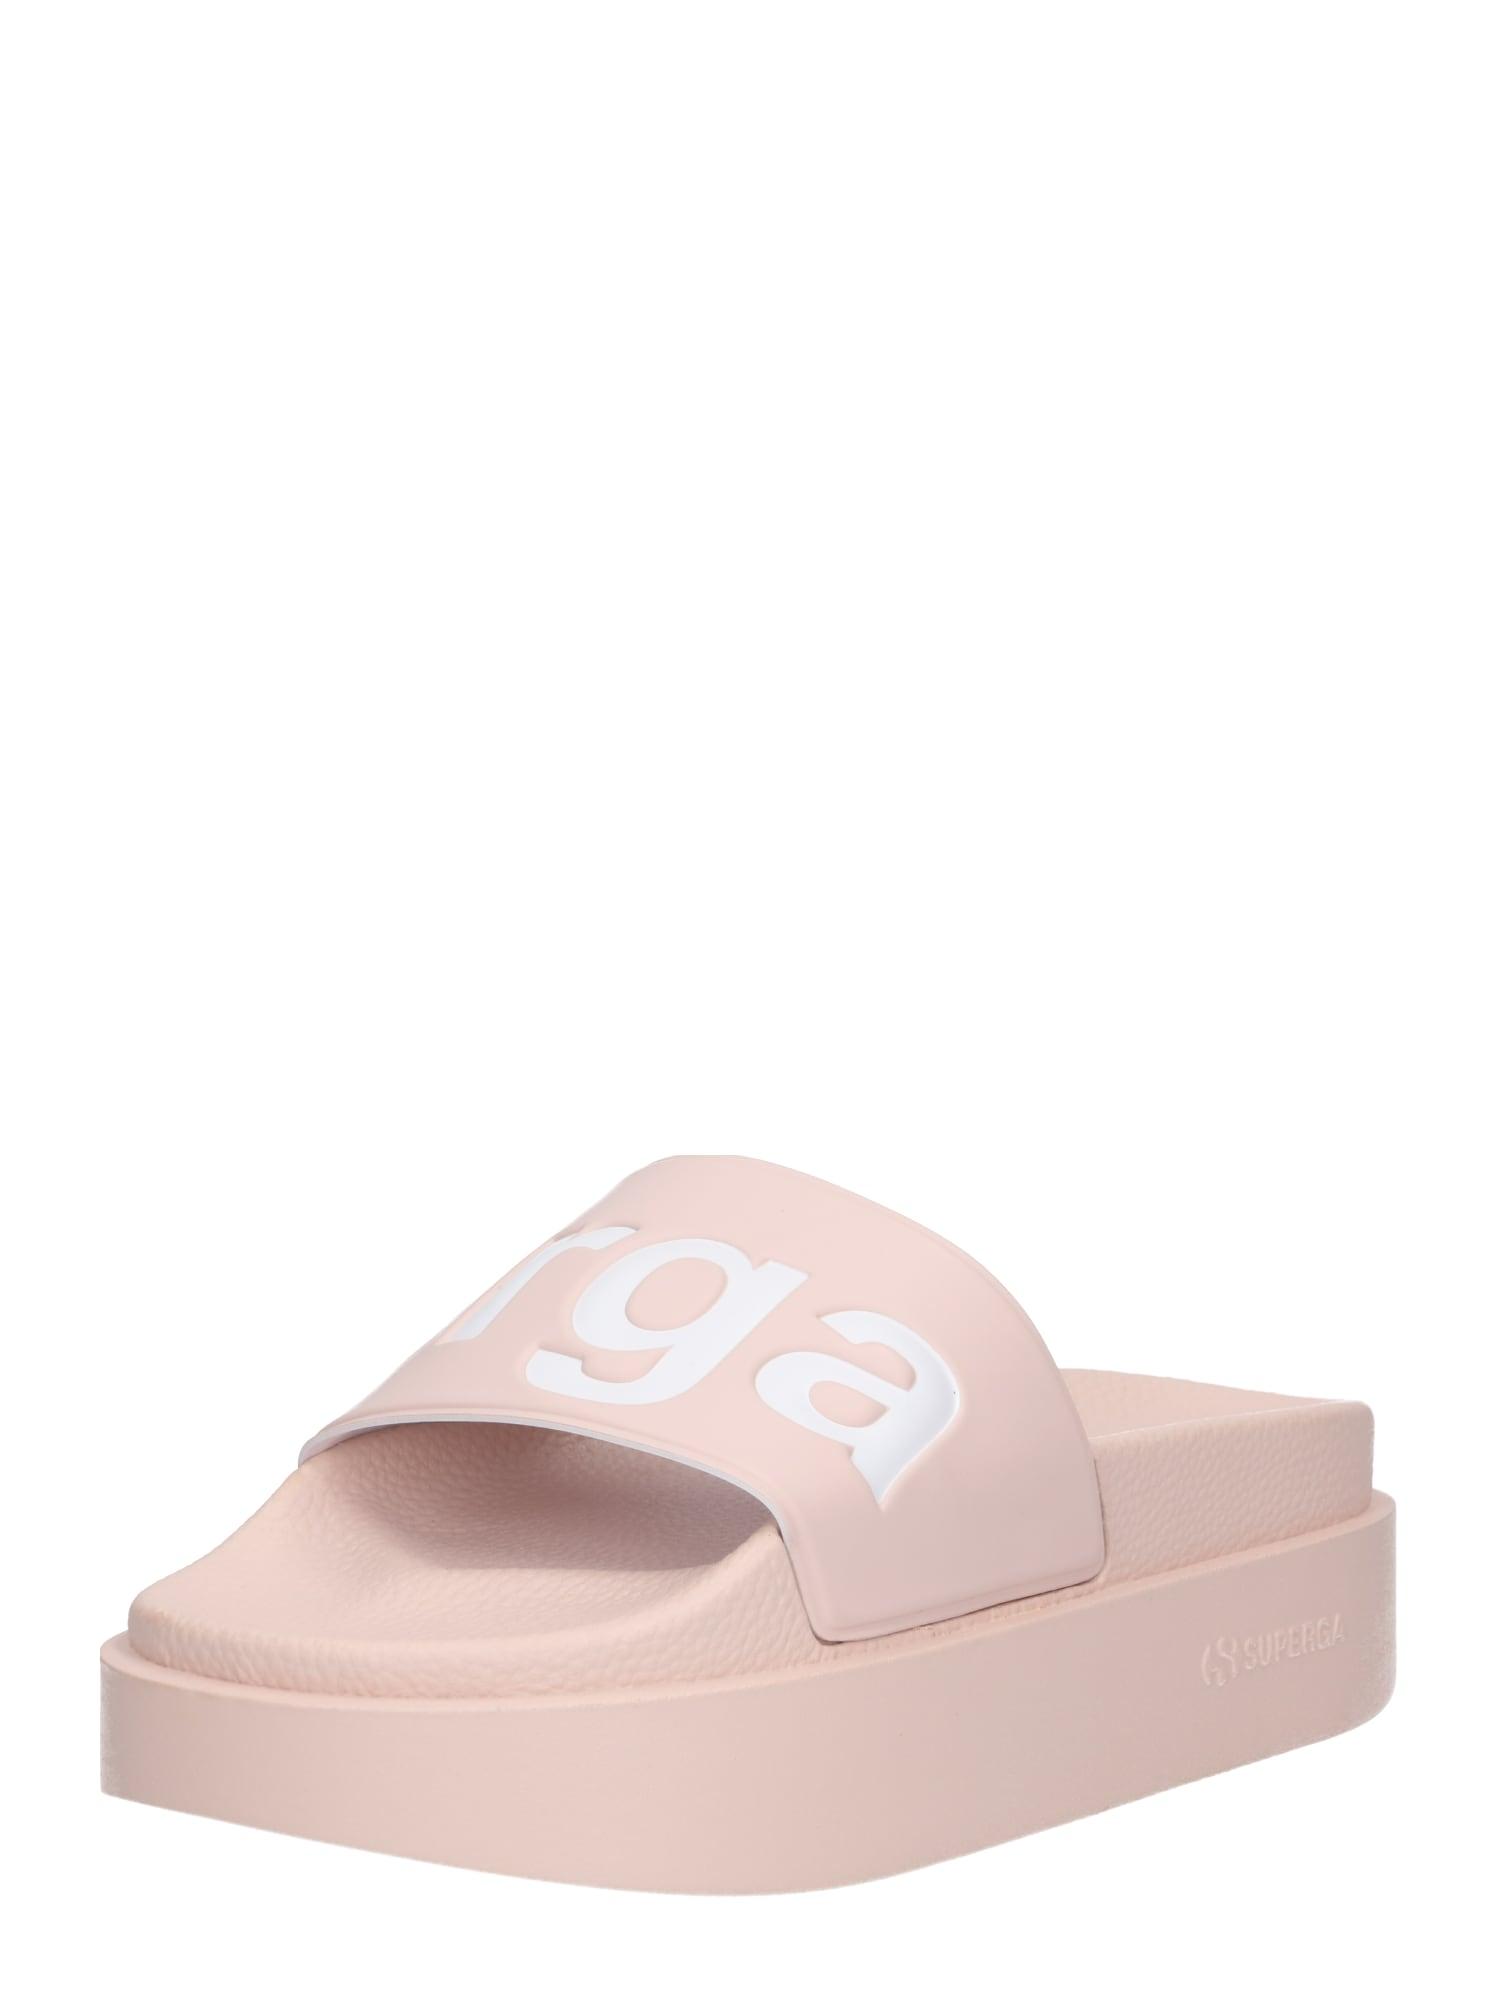 Pantofle 1919 - PUW béžová růžová SUPERGA